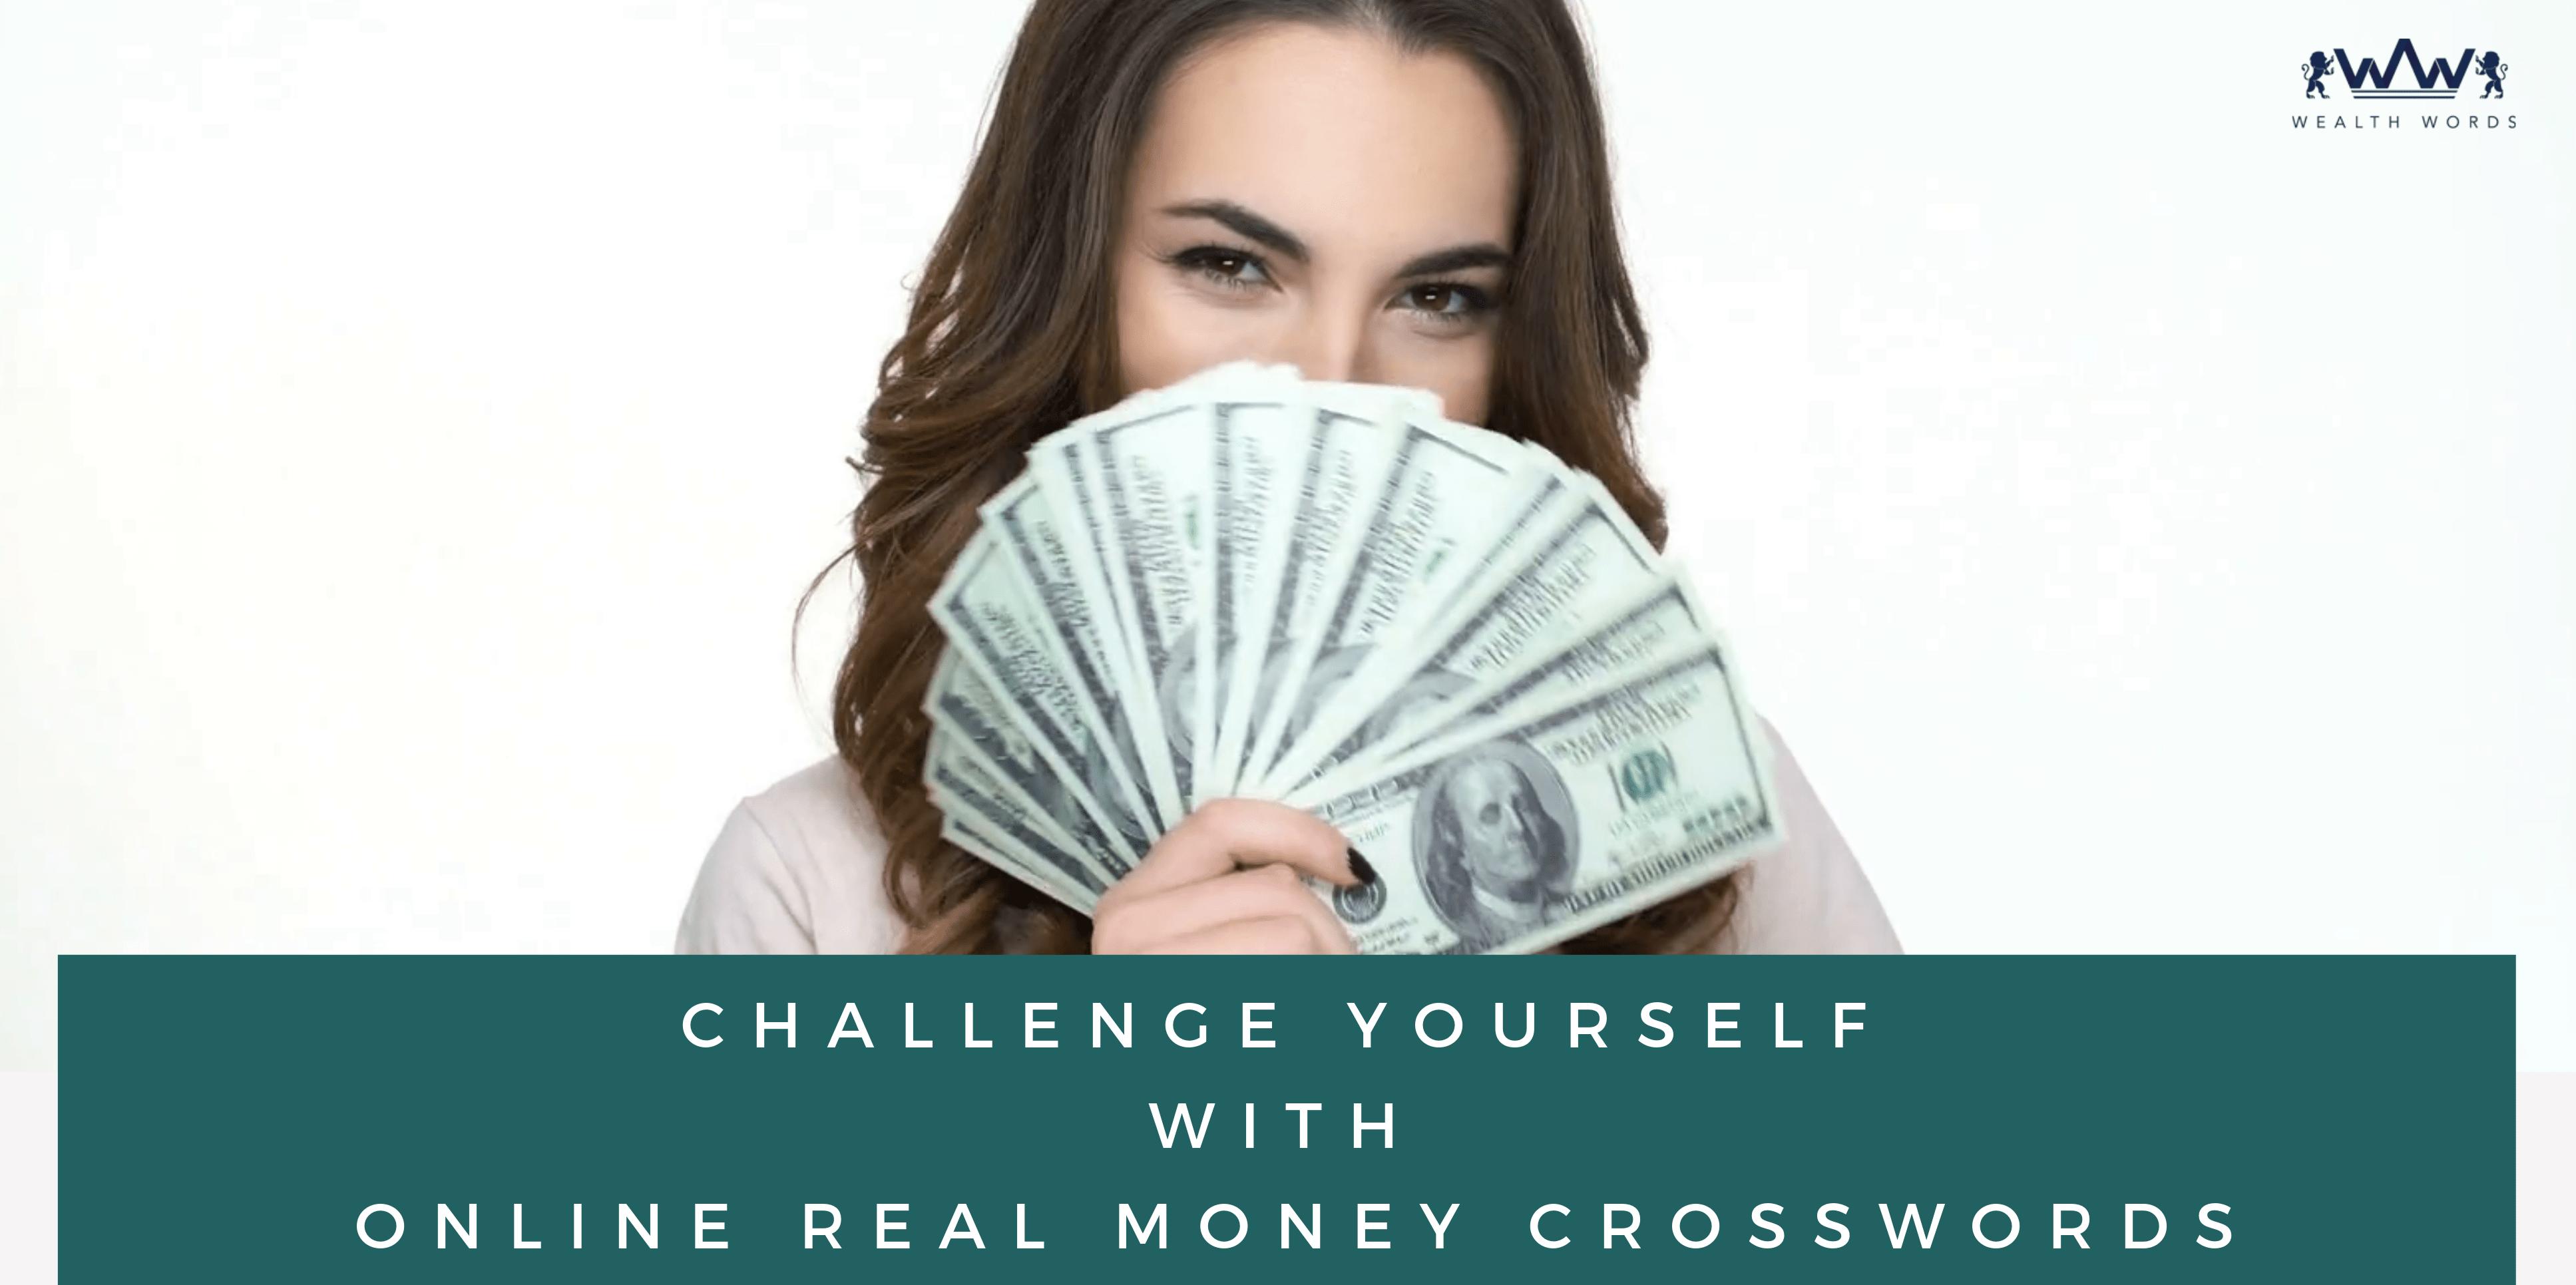 online real money crosswords